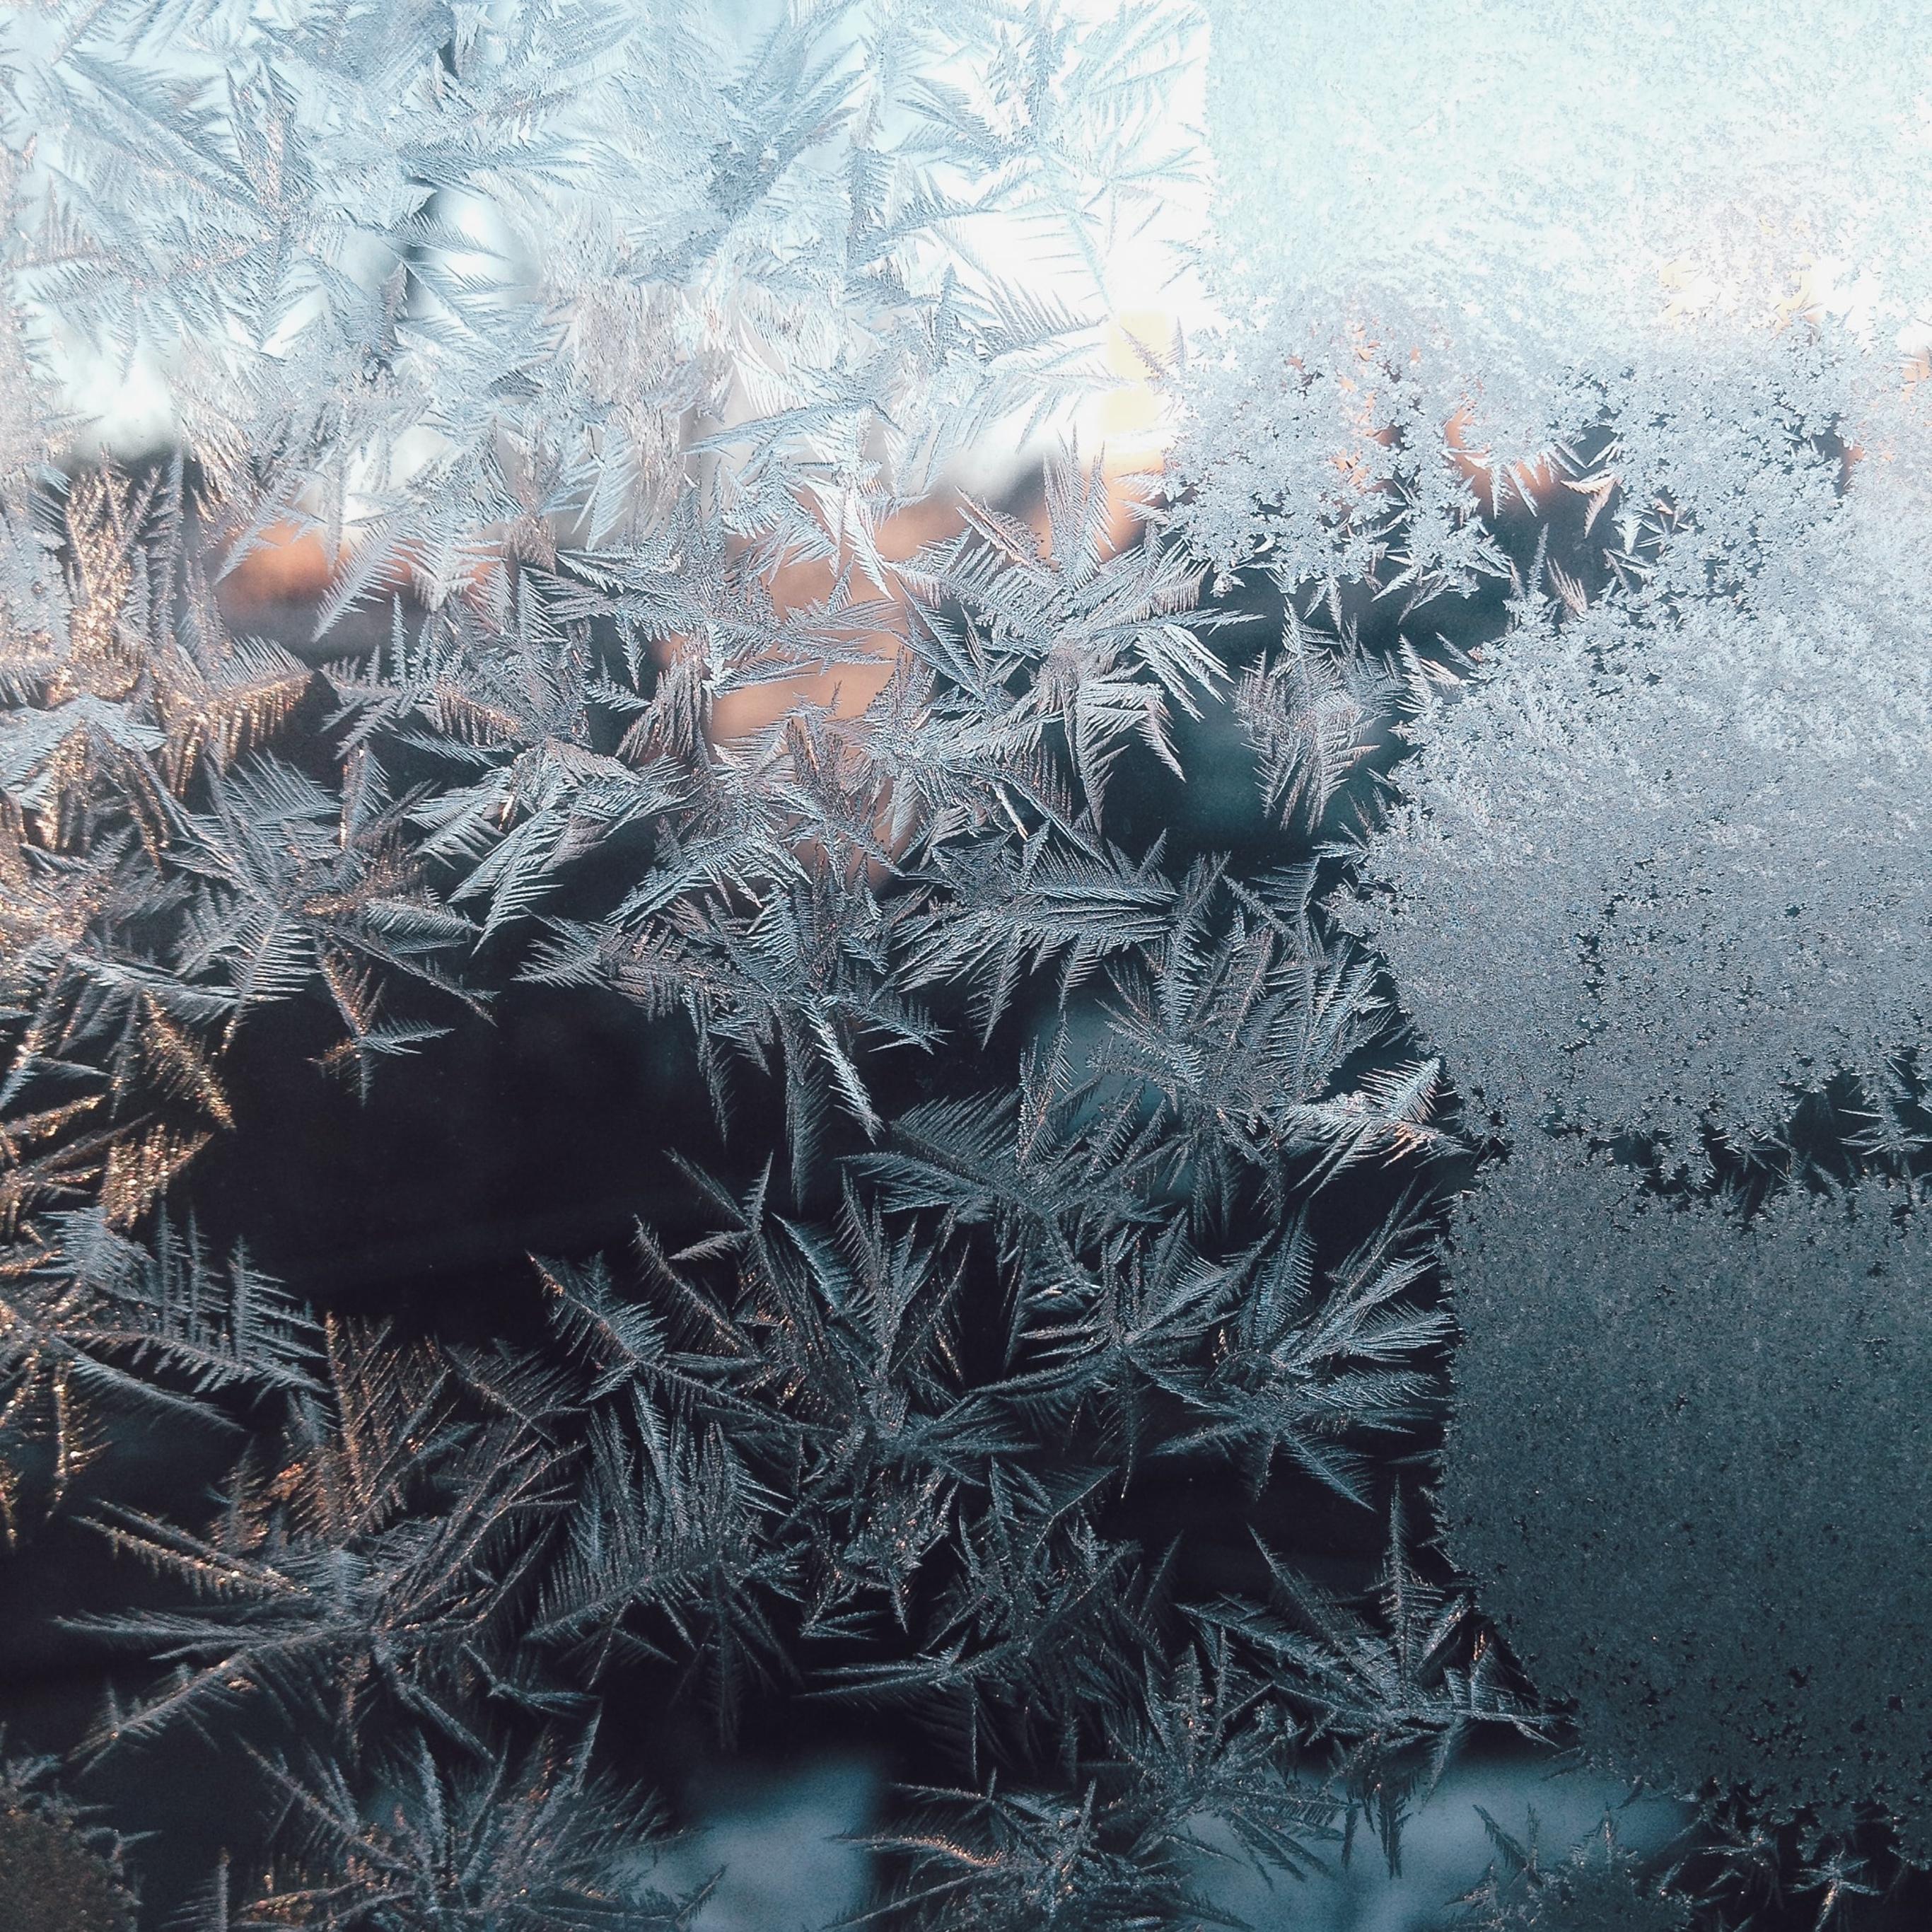 Snow wallpaper frost idownloadblog unsplash kelly sikkema ipad